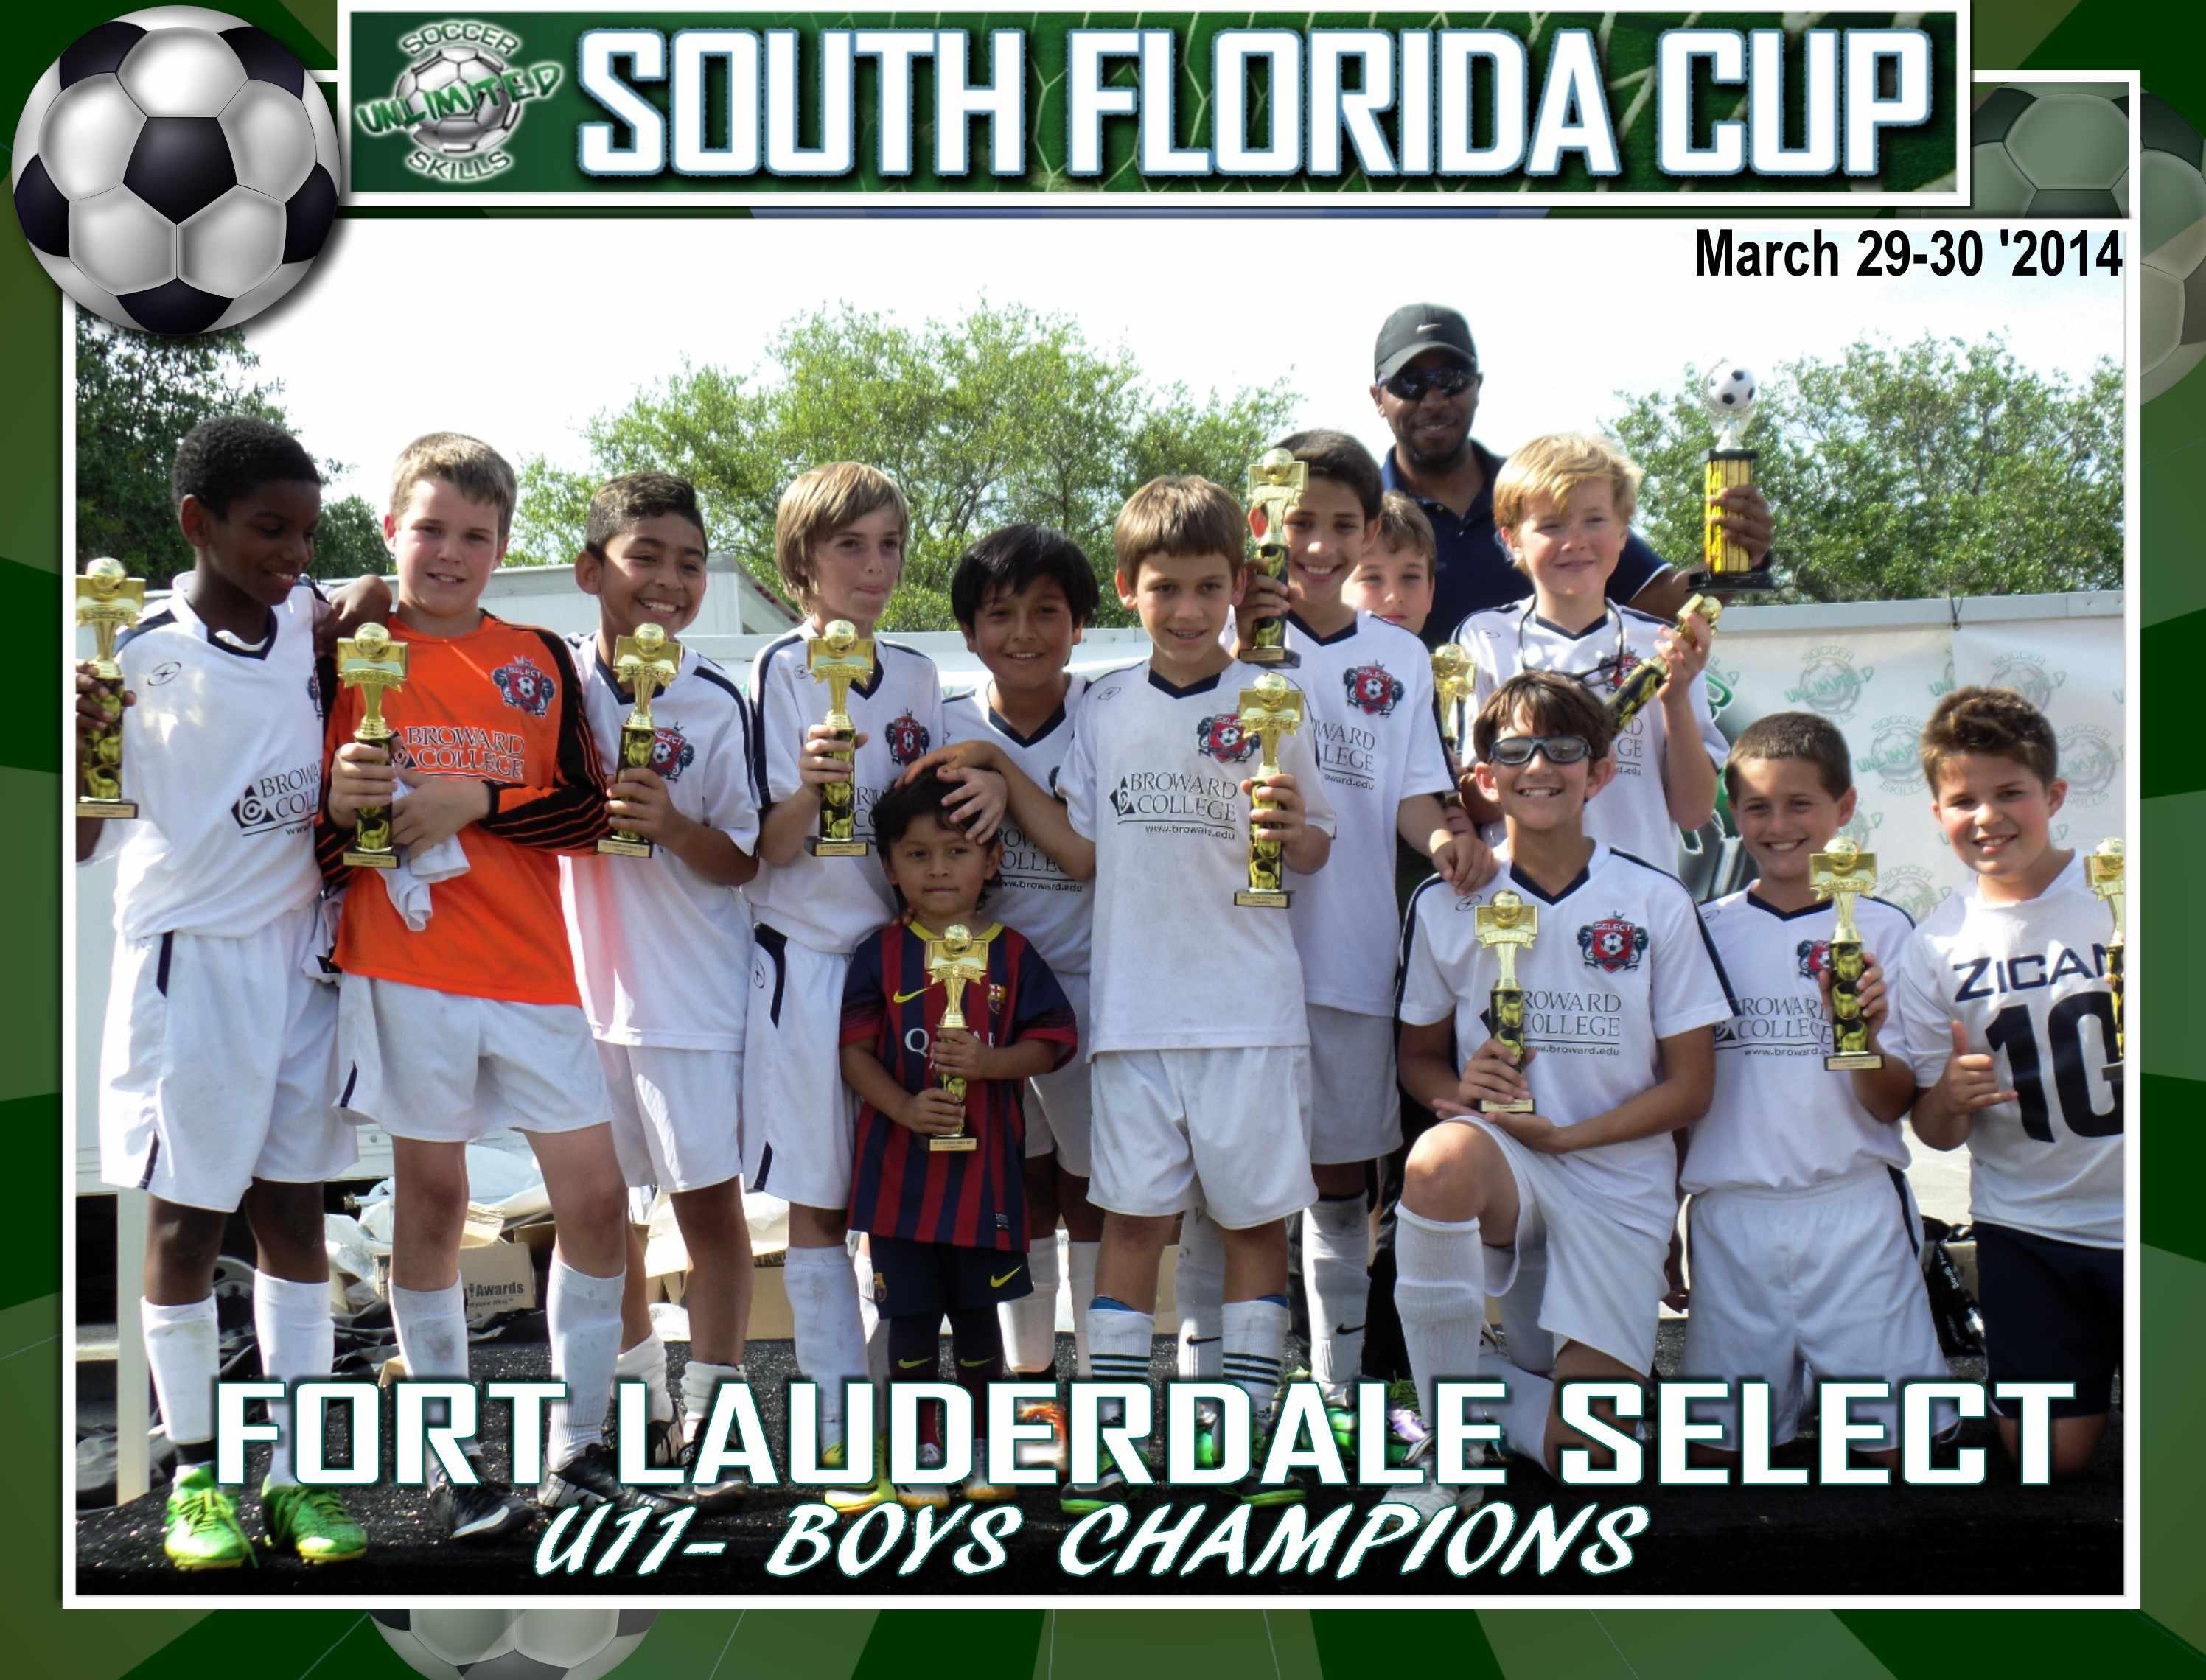 U11 Boys SF Cup